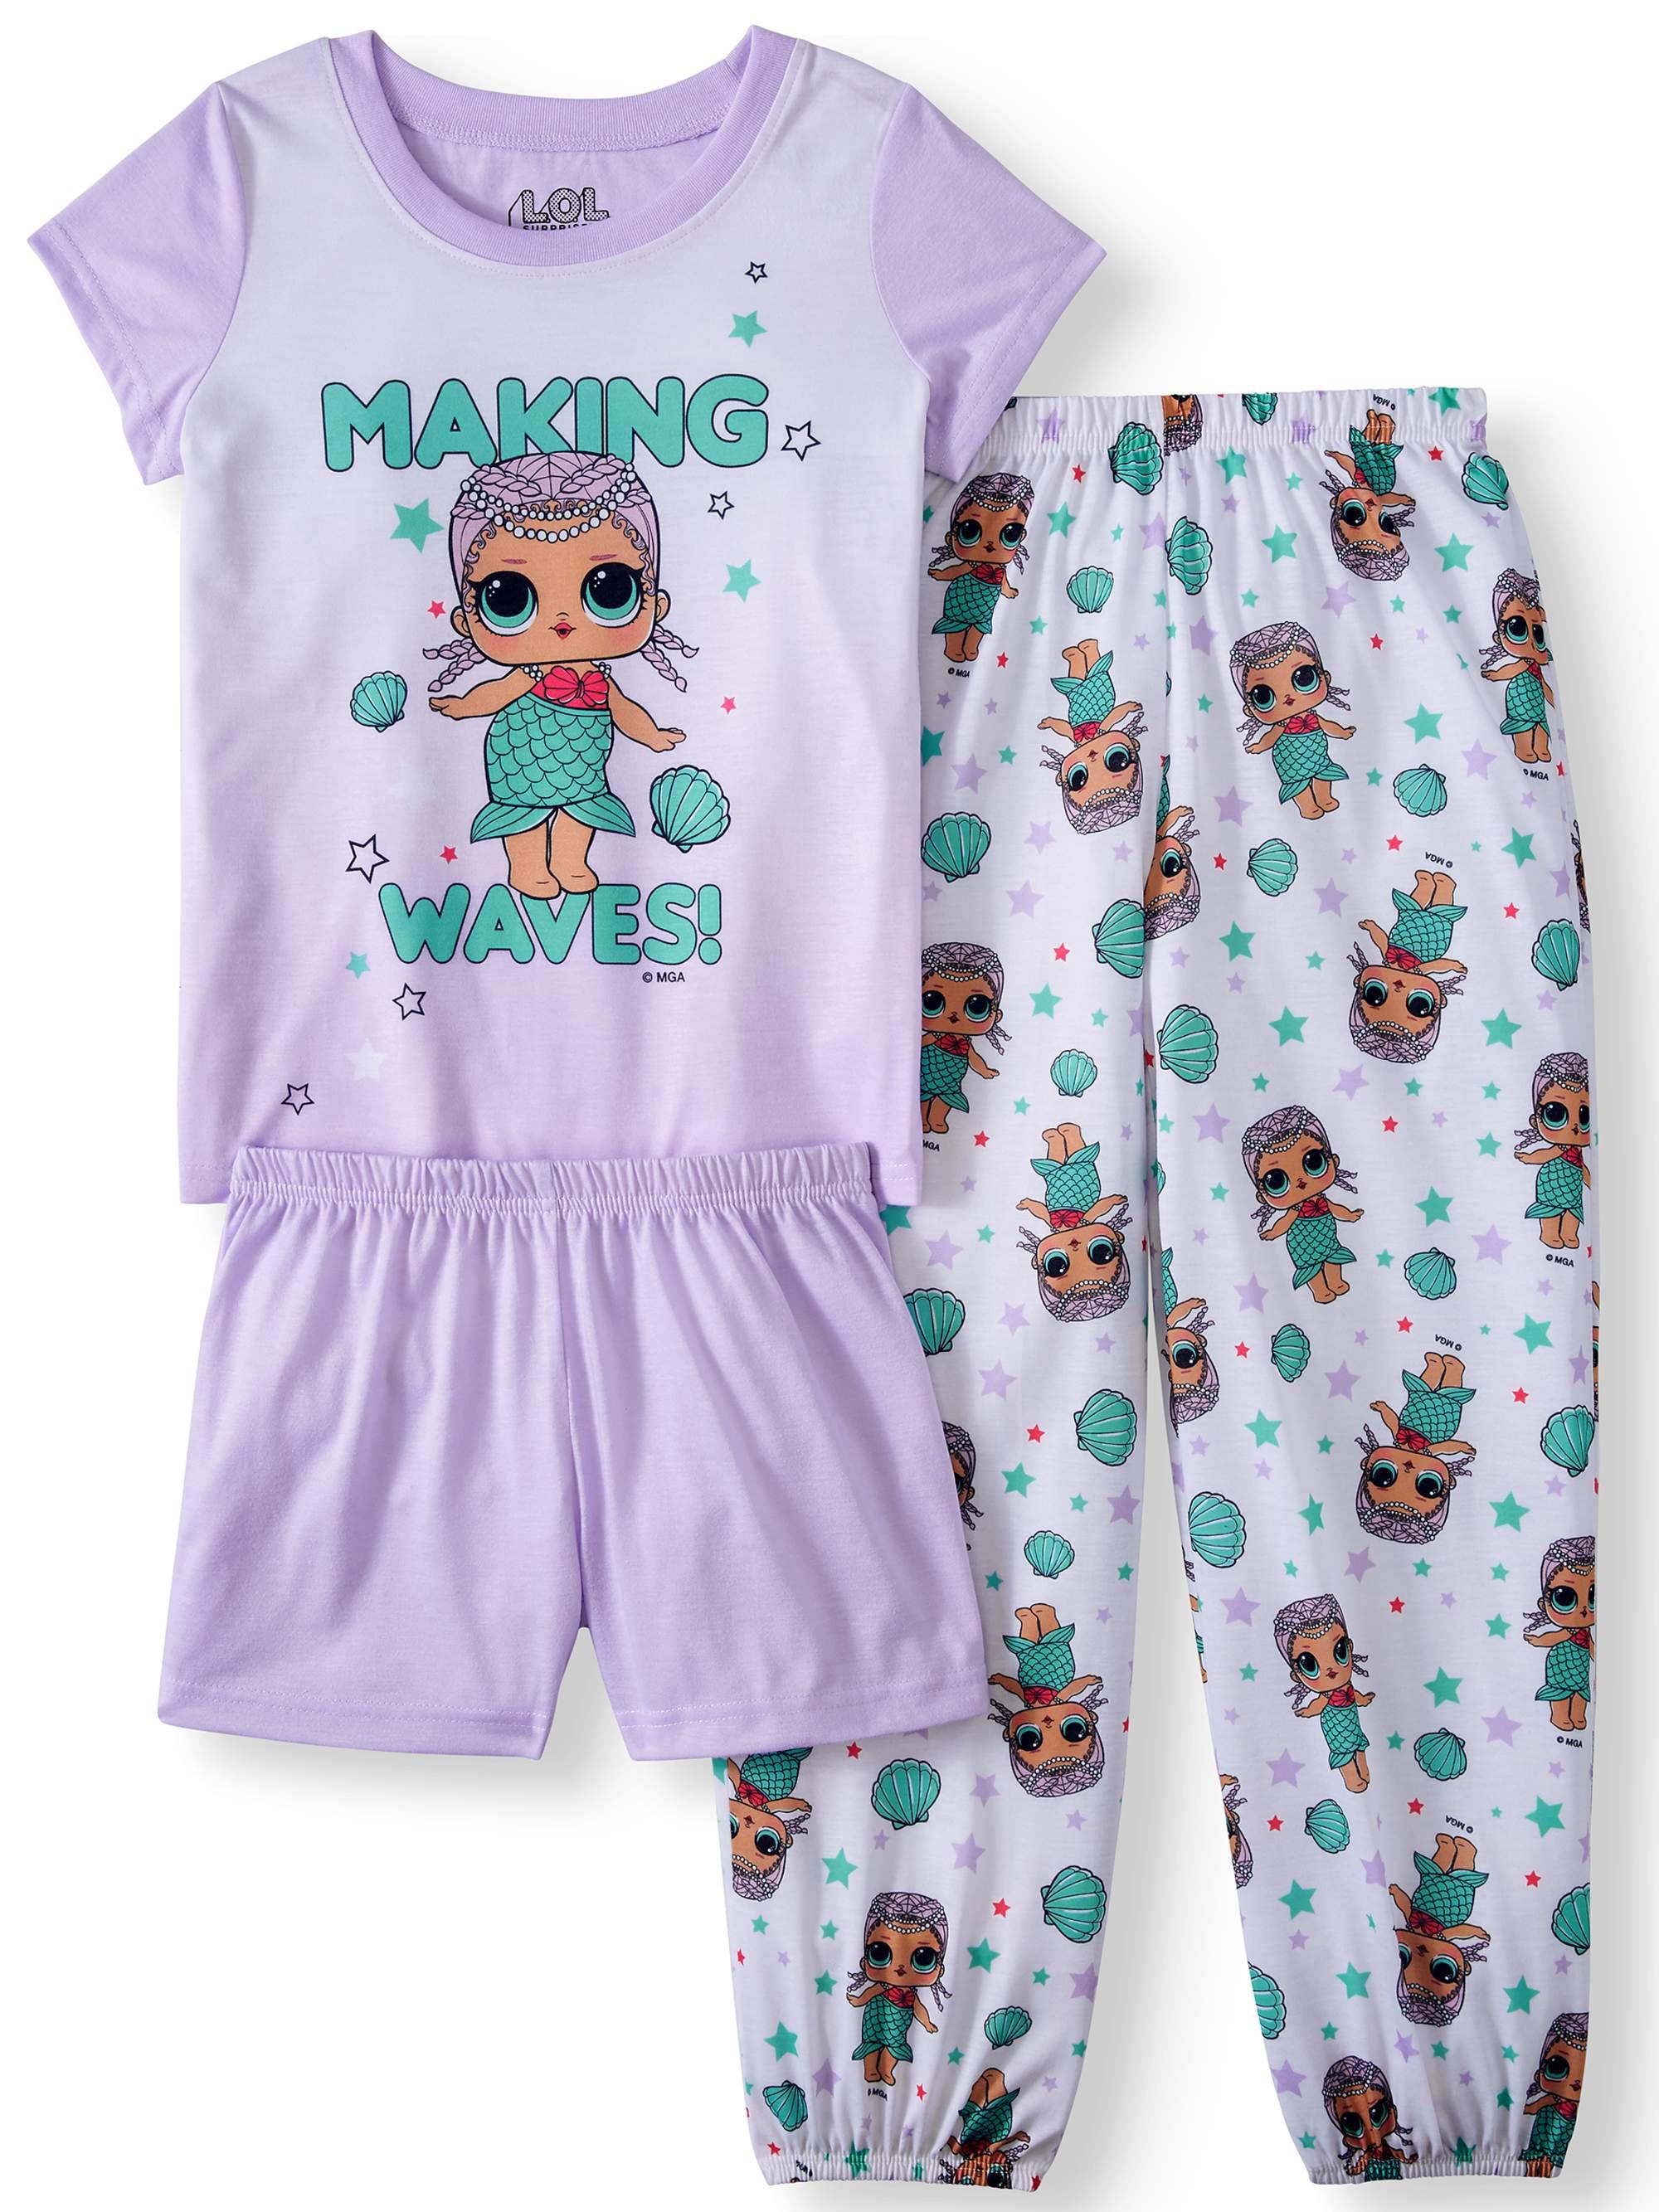 LOL Surprise! Girls' 3-Piece Pajama Sleep Set